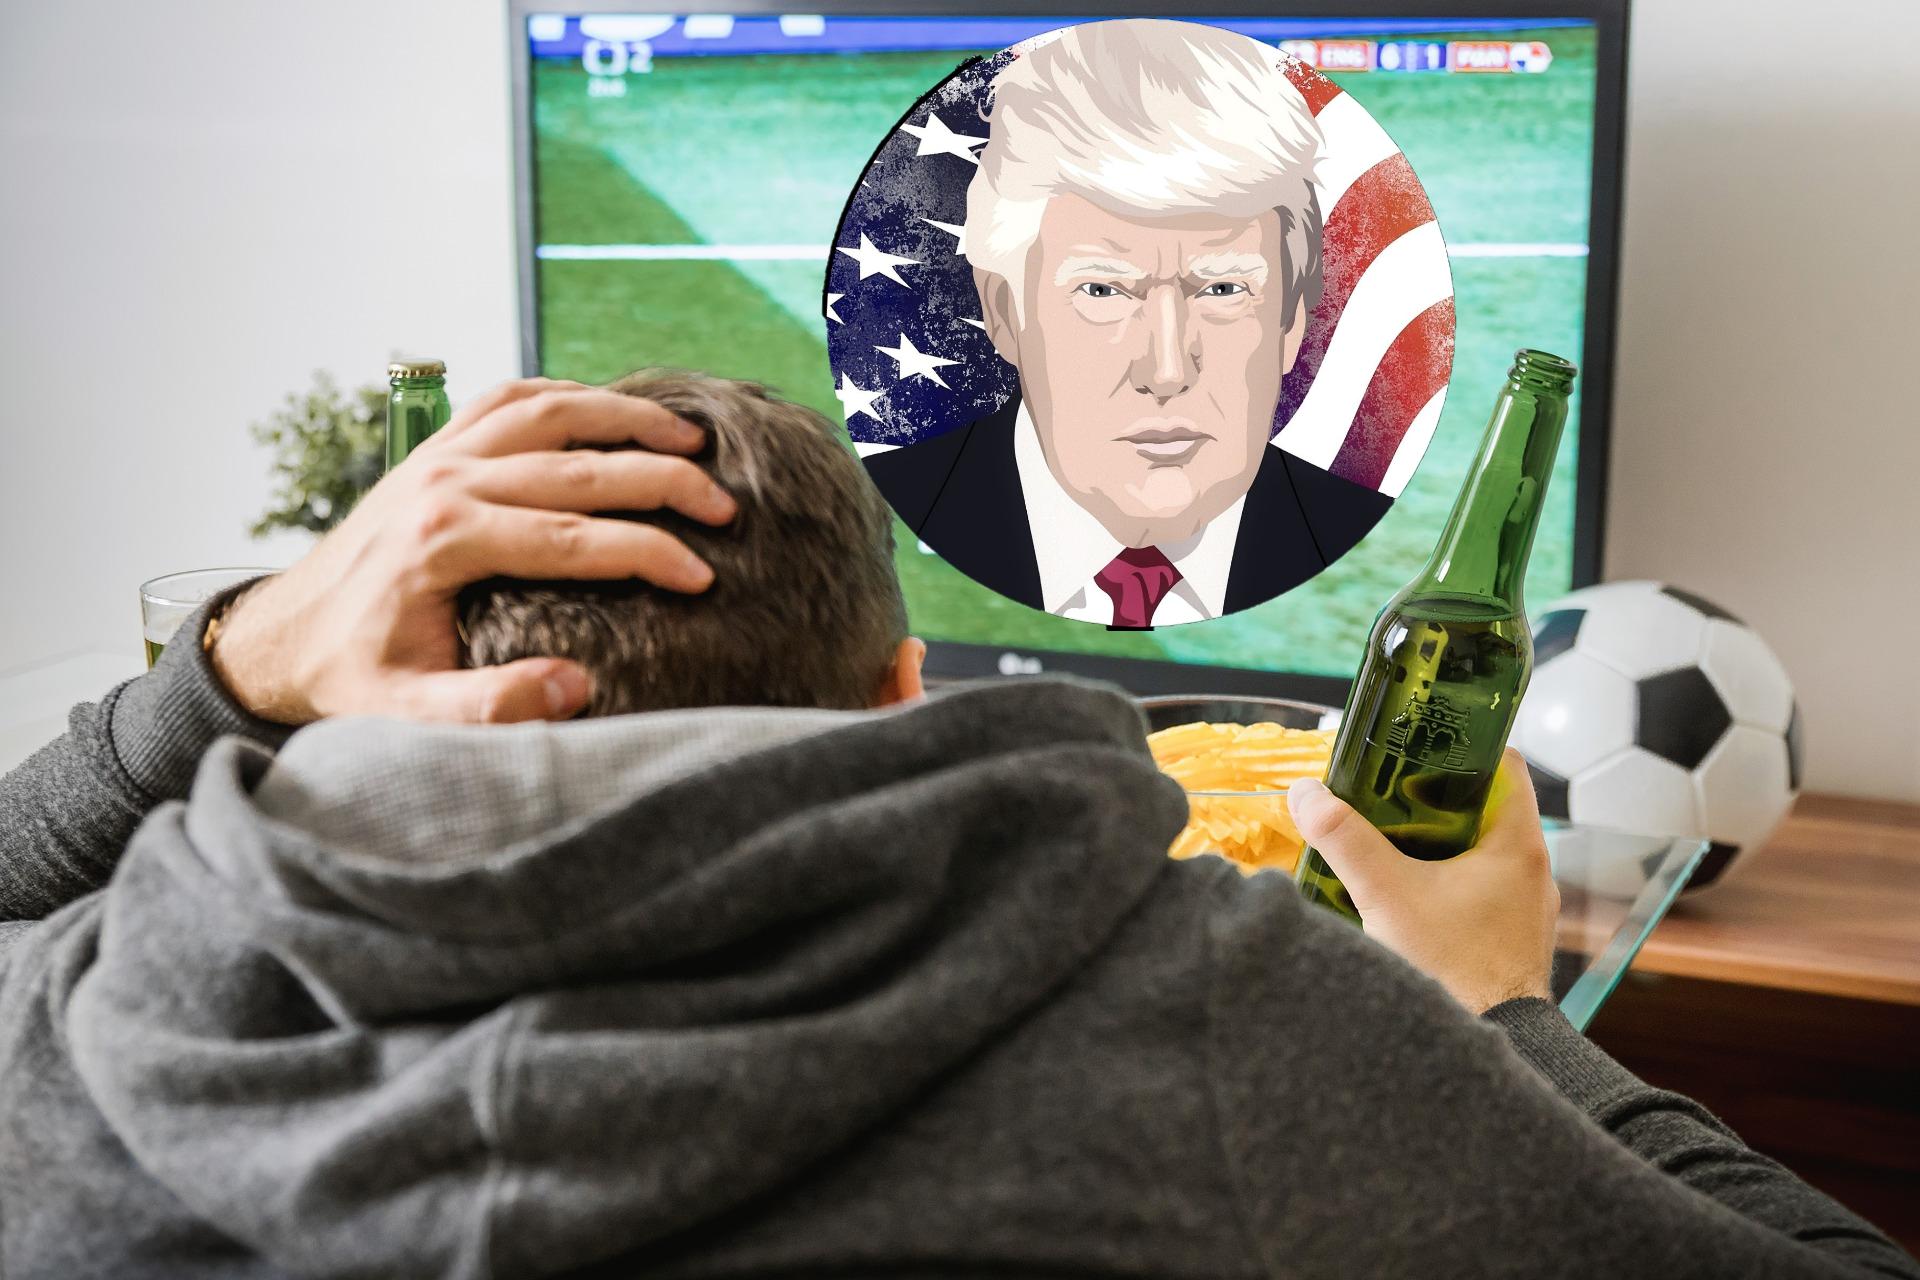 Miles de españoles dan su opinión experta sobre las elecciones en EE.UU. cuando lo más cerca que han estado del país es el McDonald´s del barrio